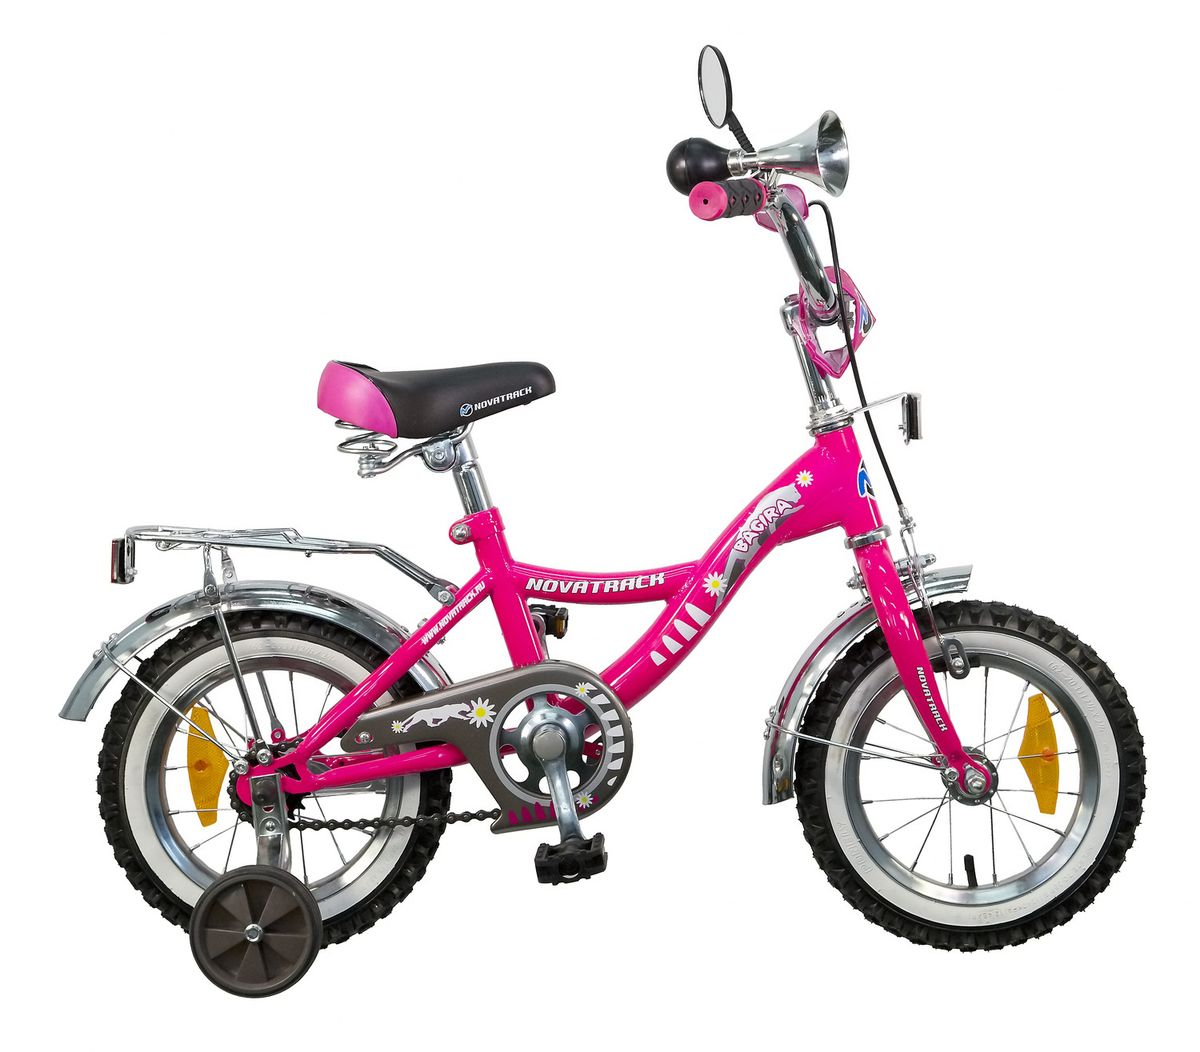 Велосипед детский Novatrack Bagira, цвет: розовый, 12127BAGIRA.PN5Велосипед Novatrack Bagira 12-дюймовыми колесами – это современный, удобный и безопасный велосипед для маленьких модниц от 2 до 4 лет. Велосипед укомплектовали мягким регулируемым седлом, которое обеспечит удобную посадку во время катания. Руль велосипеда также регулируется по высоте и наклону, благодаря чему велосипед прослужит ребенку не один год. Данная модель маневренна и легка в управлении, поэтому ребенку будет просто и интересно учиться кататься на велосипеде. Для безопасности велосипед оснащен ограничителем поворота руля, который обеспечивает устойчивость во время резких поворотов, и не даст ребенку упасть с велосипеда. По бокам имеются съемные дополнительные колеса, которые нужны до тех пор, пока ребенок не почувствует себя уверенно. Быстро затормозить поможет ножной или ручной тормоз, а может и оба сразу, на усмотрение ребенка. Над колесами располагаются хромированные крылья, которые защитят от брызг и грязи. А на багажнике юная наездница сможет перевозить любимые игрушки.Какой велосипед выбрать? Статья OZON Гид